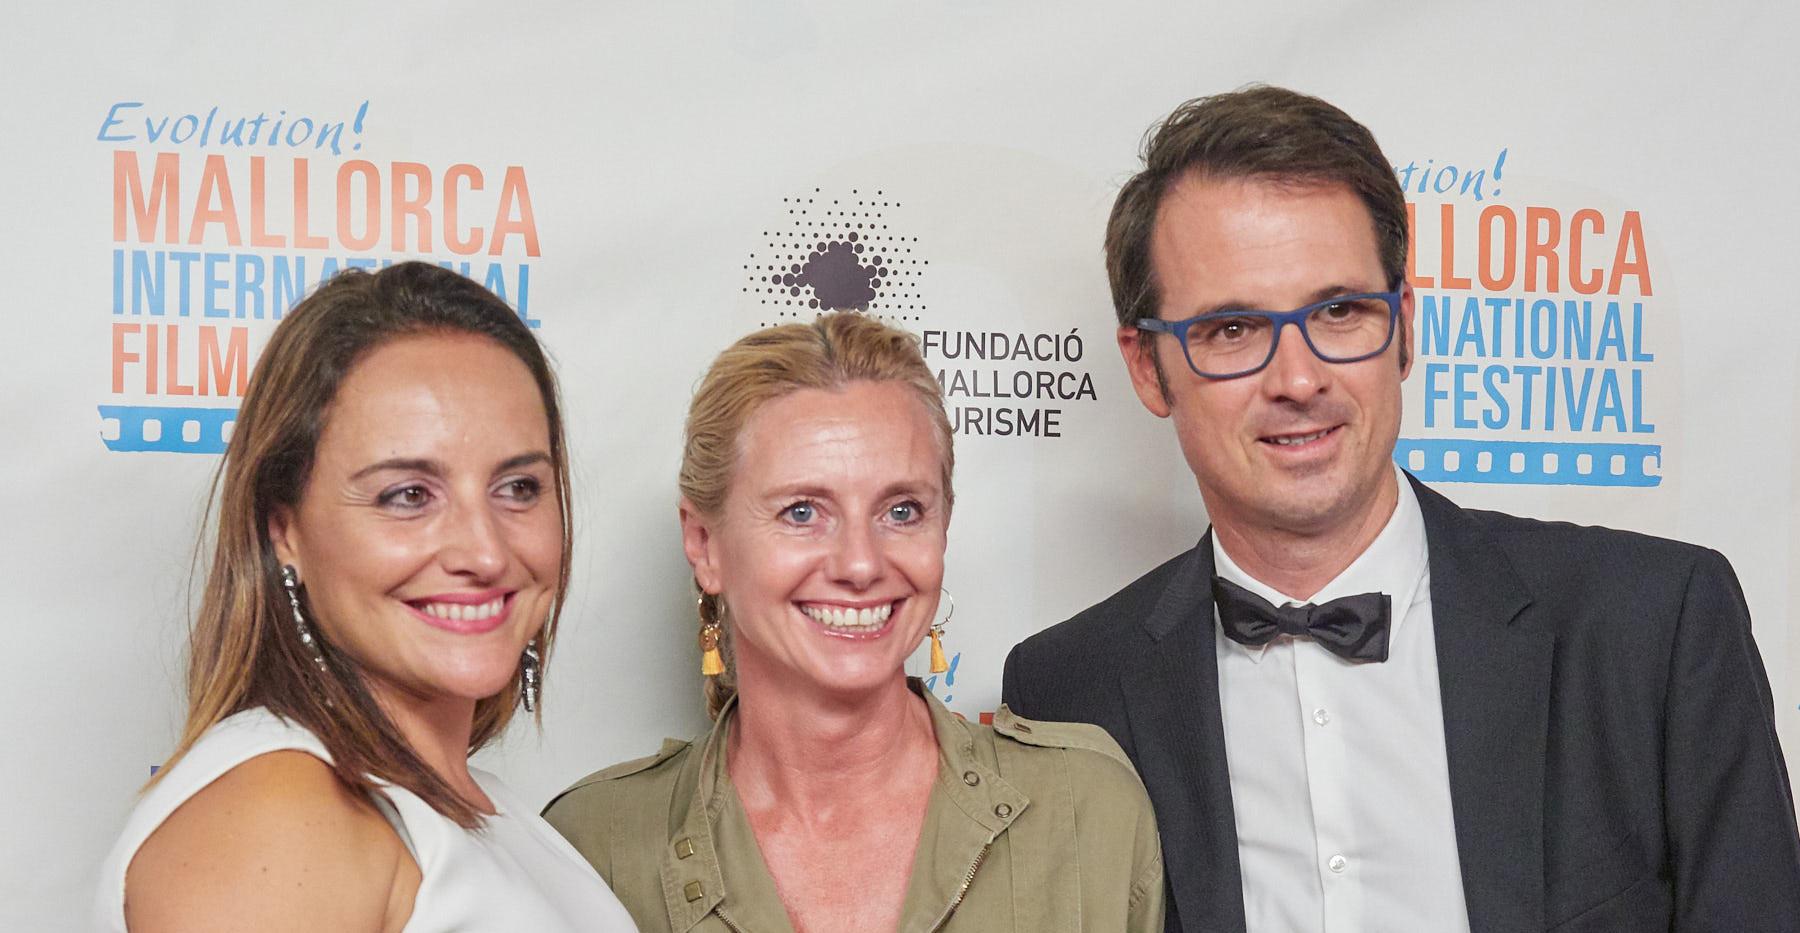 Mallorca Site